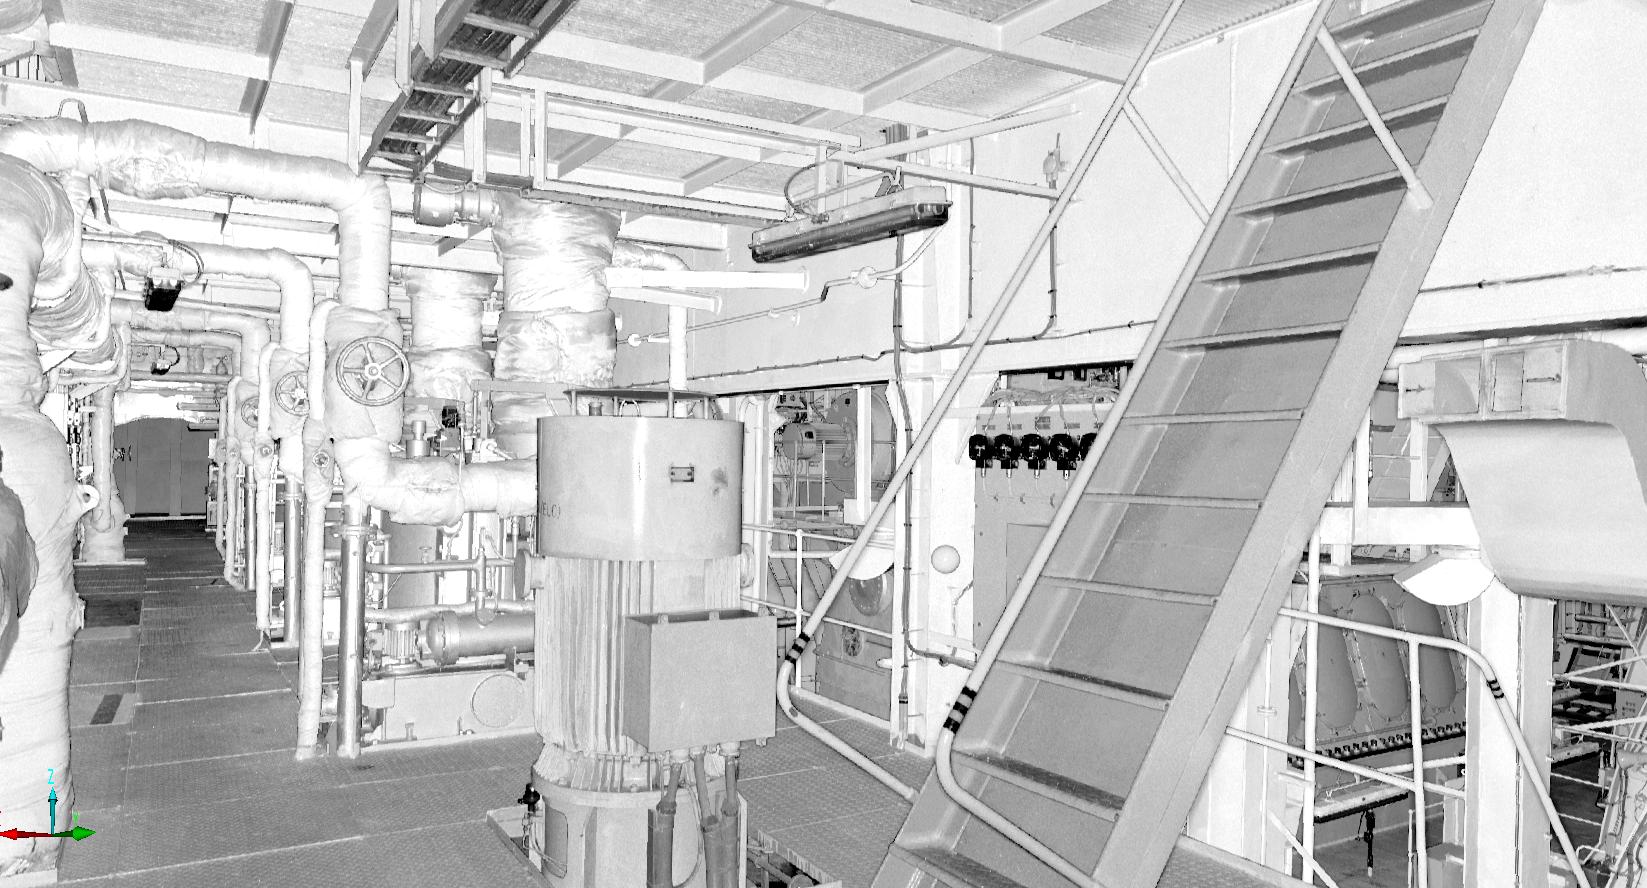 公司中标15.9万吨原油轮压载水系统改装三维(3D)扫描,以及后续设计服务合同